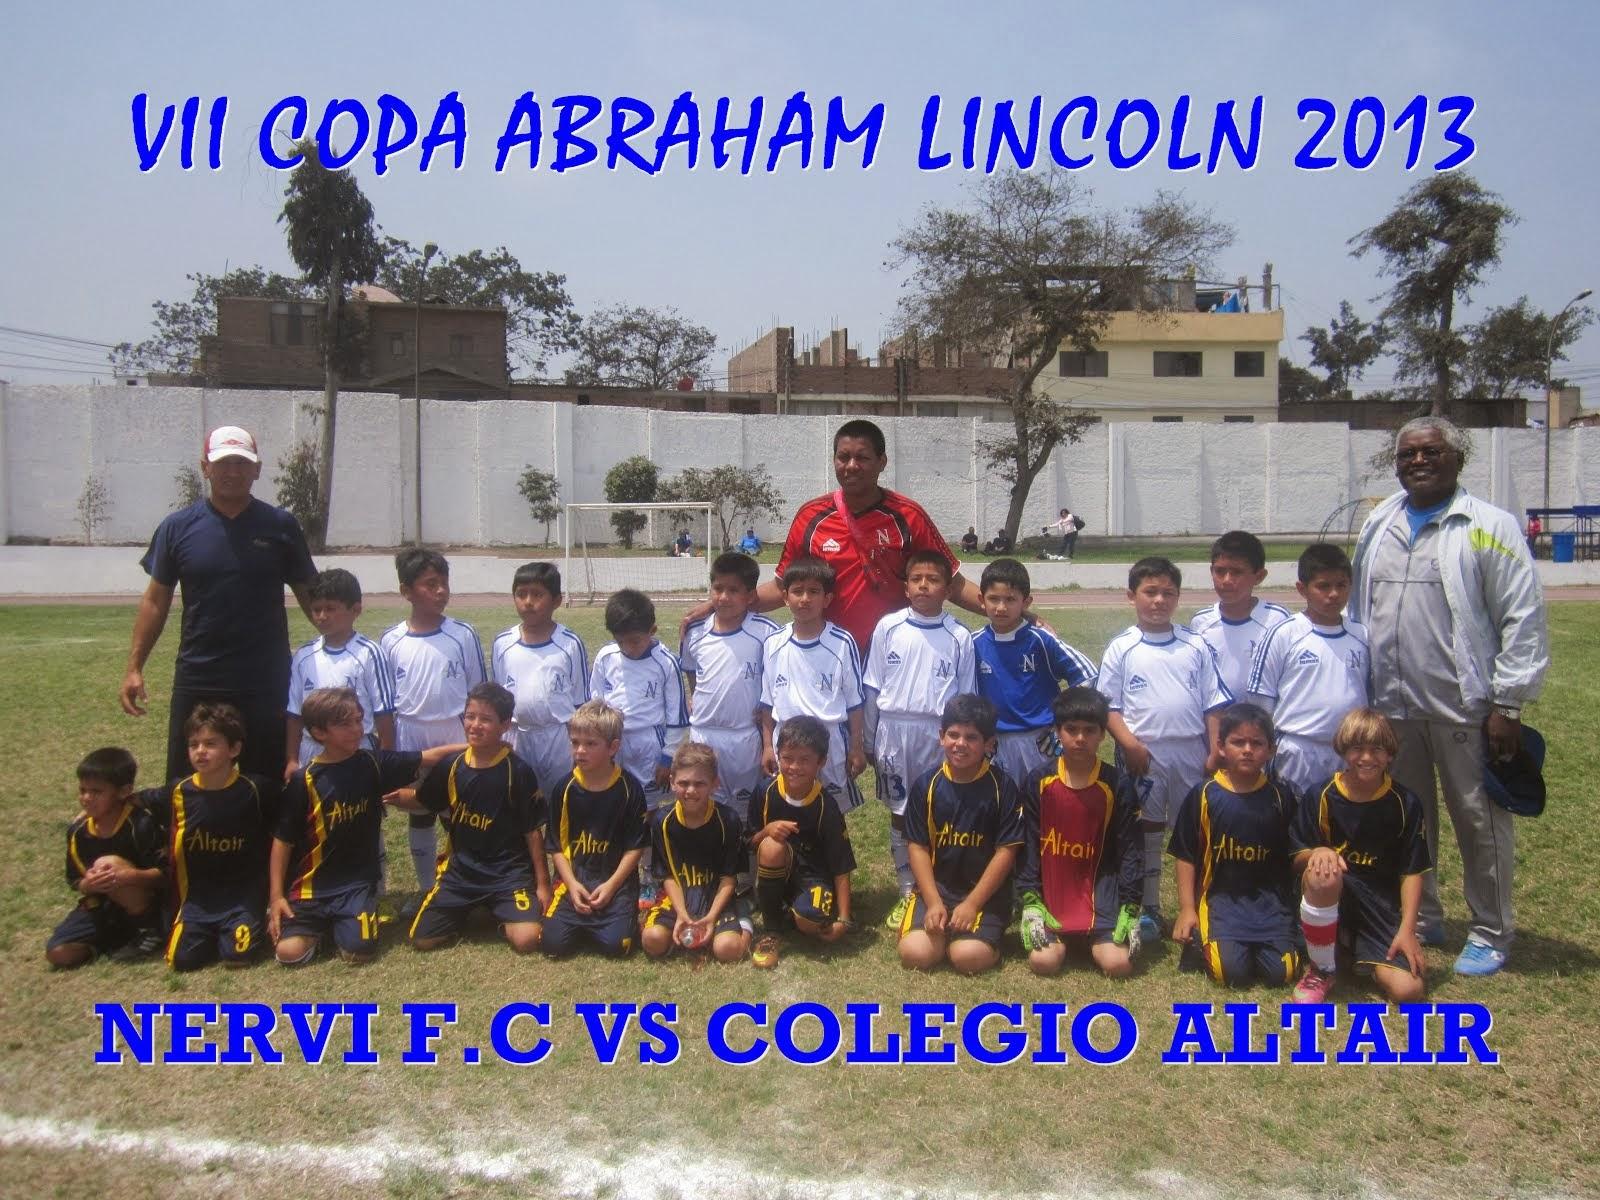 NERVI F.C VS COLEGIO ALTAIR